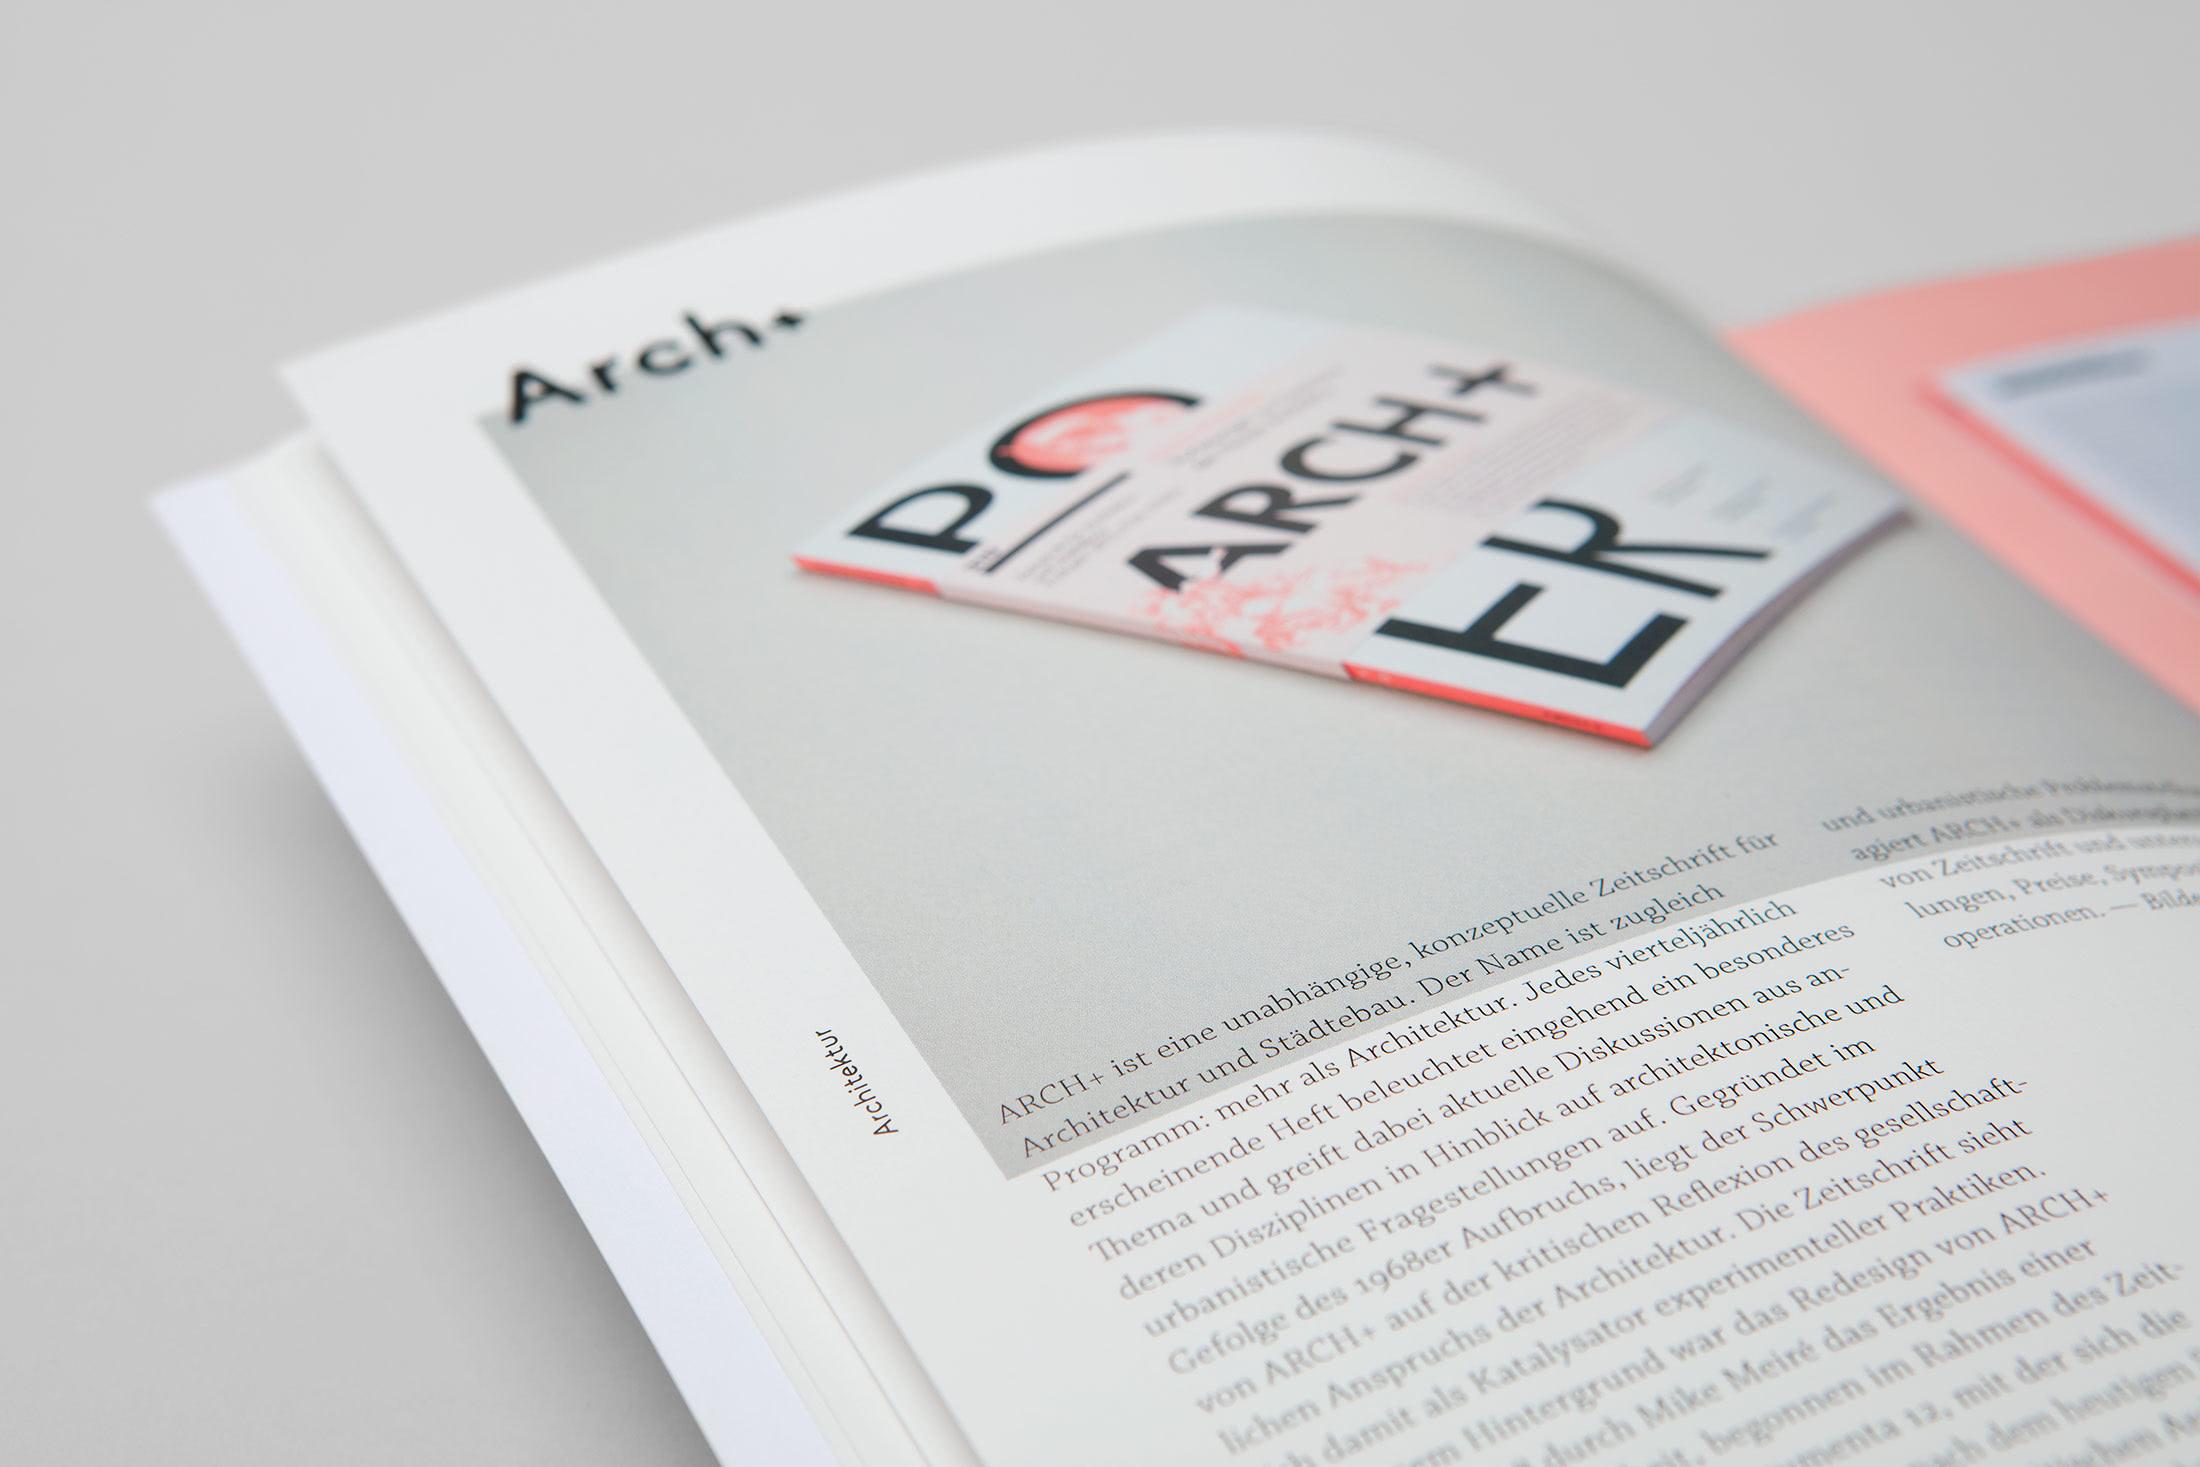 Magazinkultur_14-Mitja_Schneehage